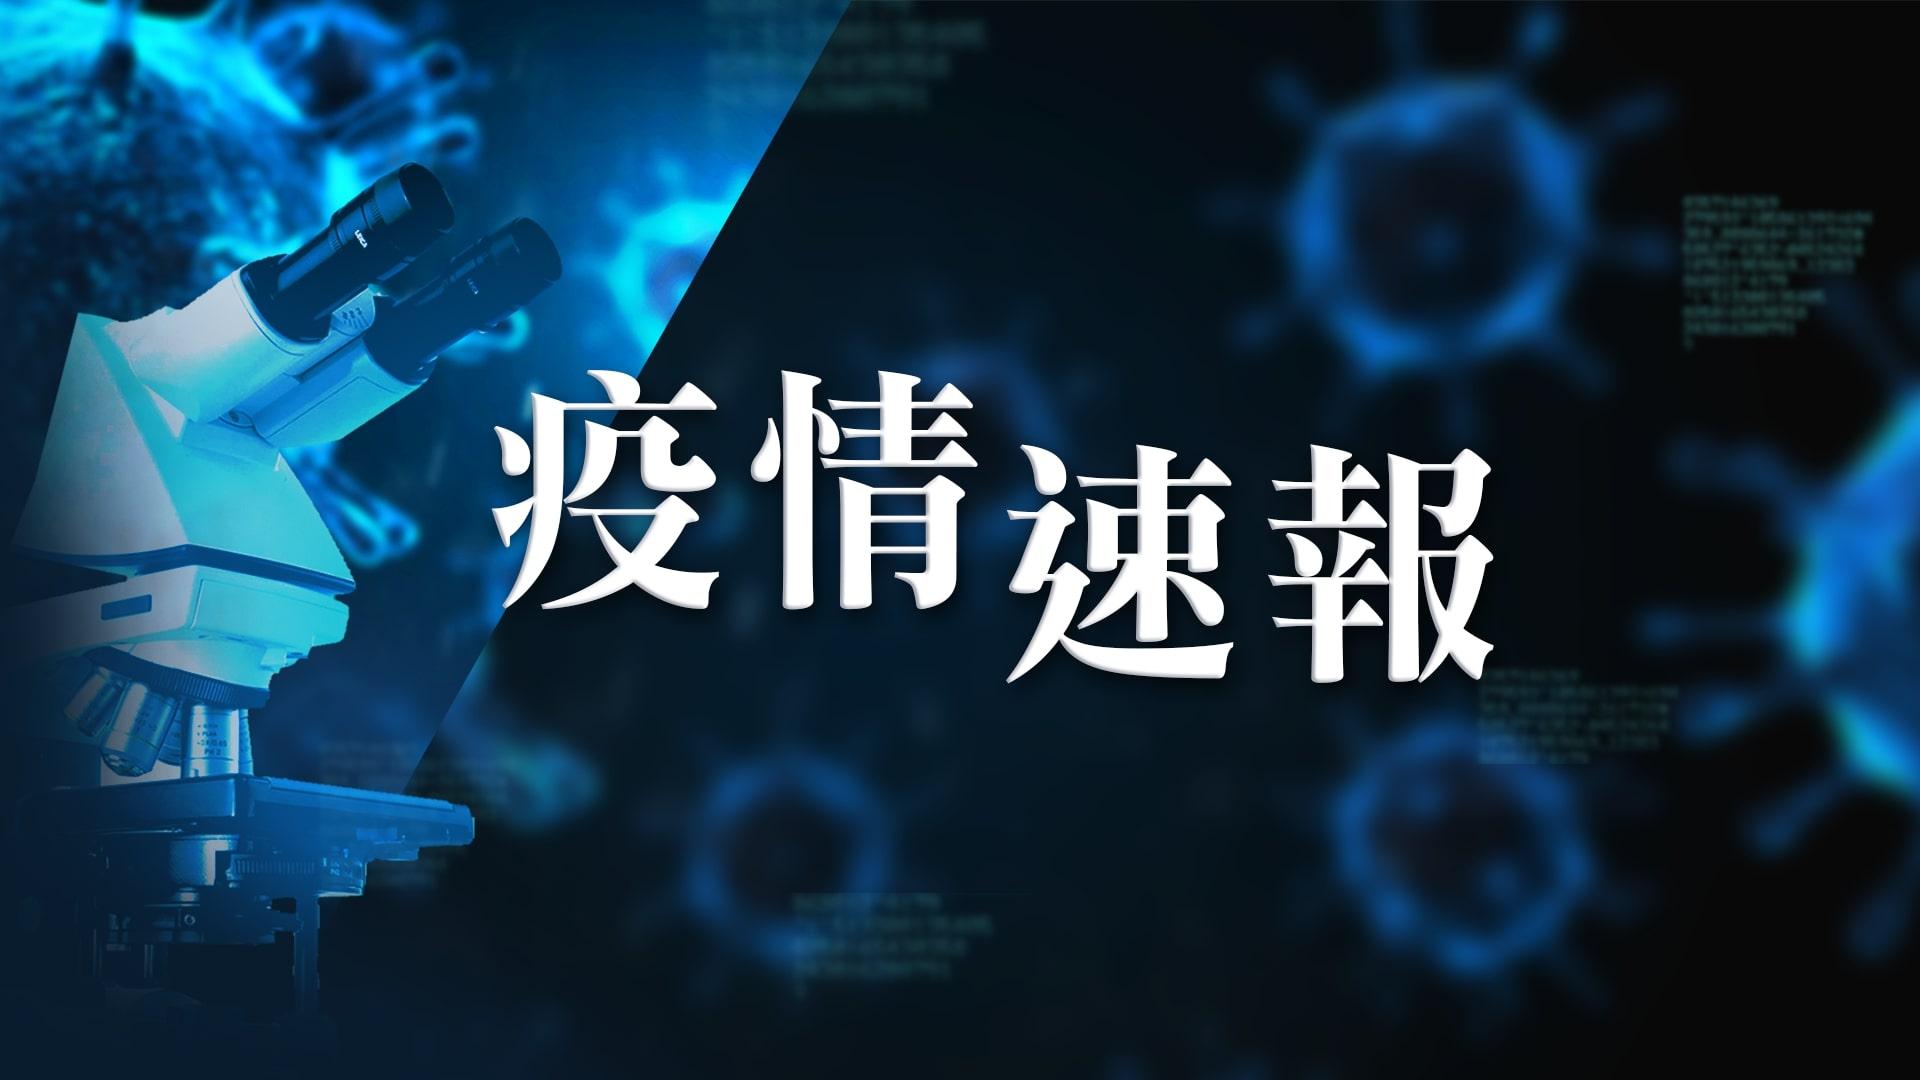 【2月16日疫情速報】(23:15)